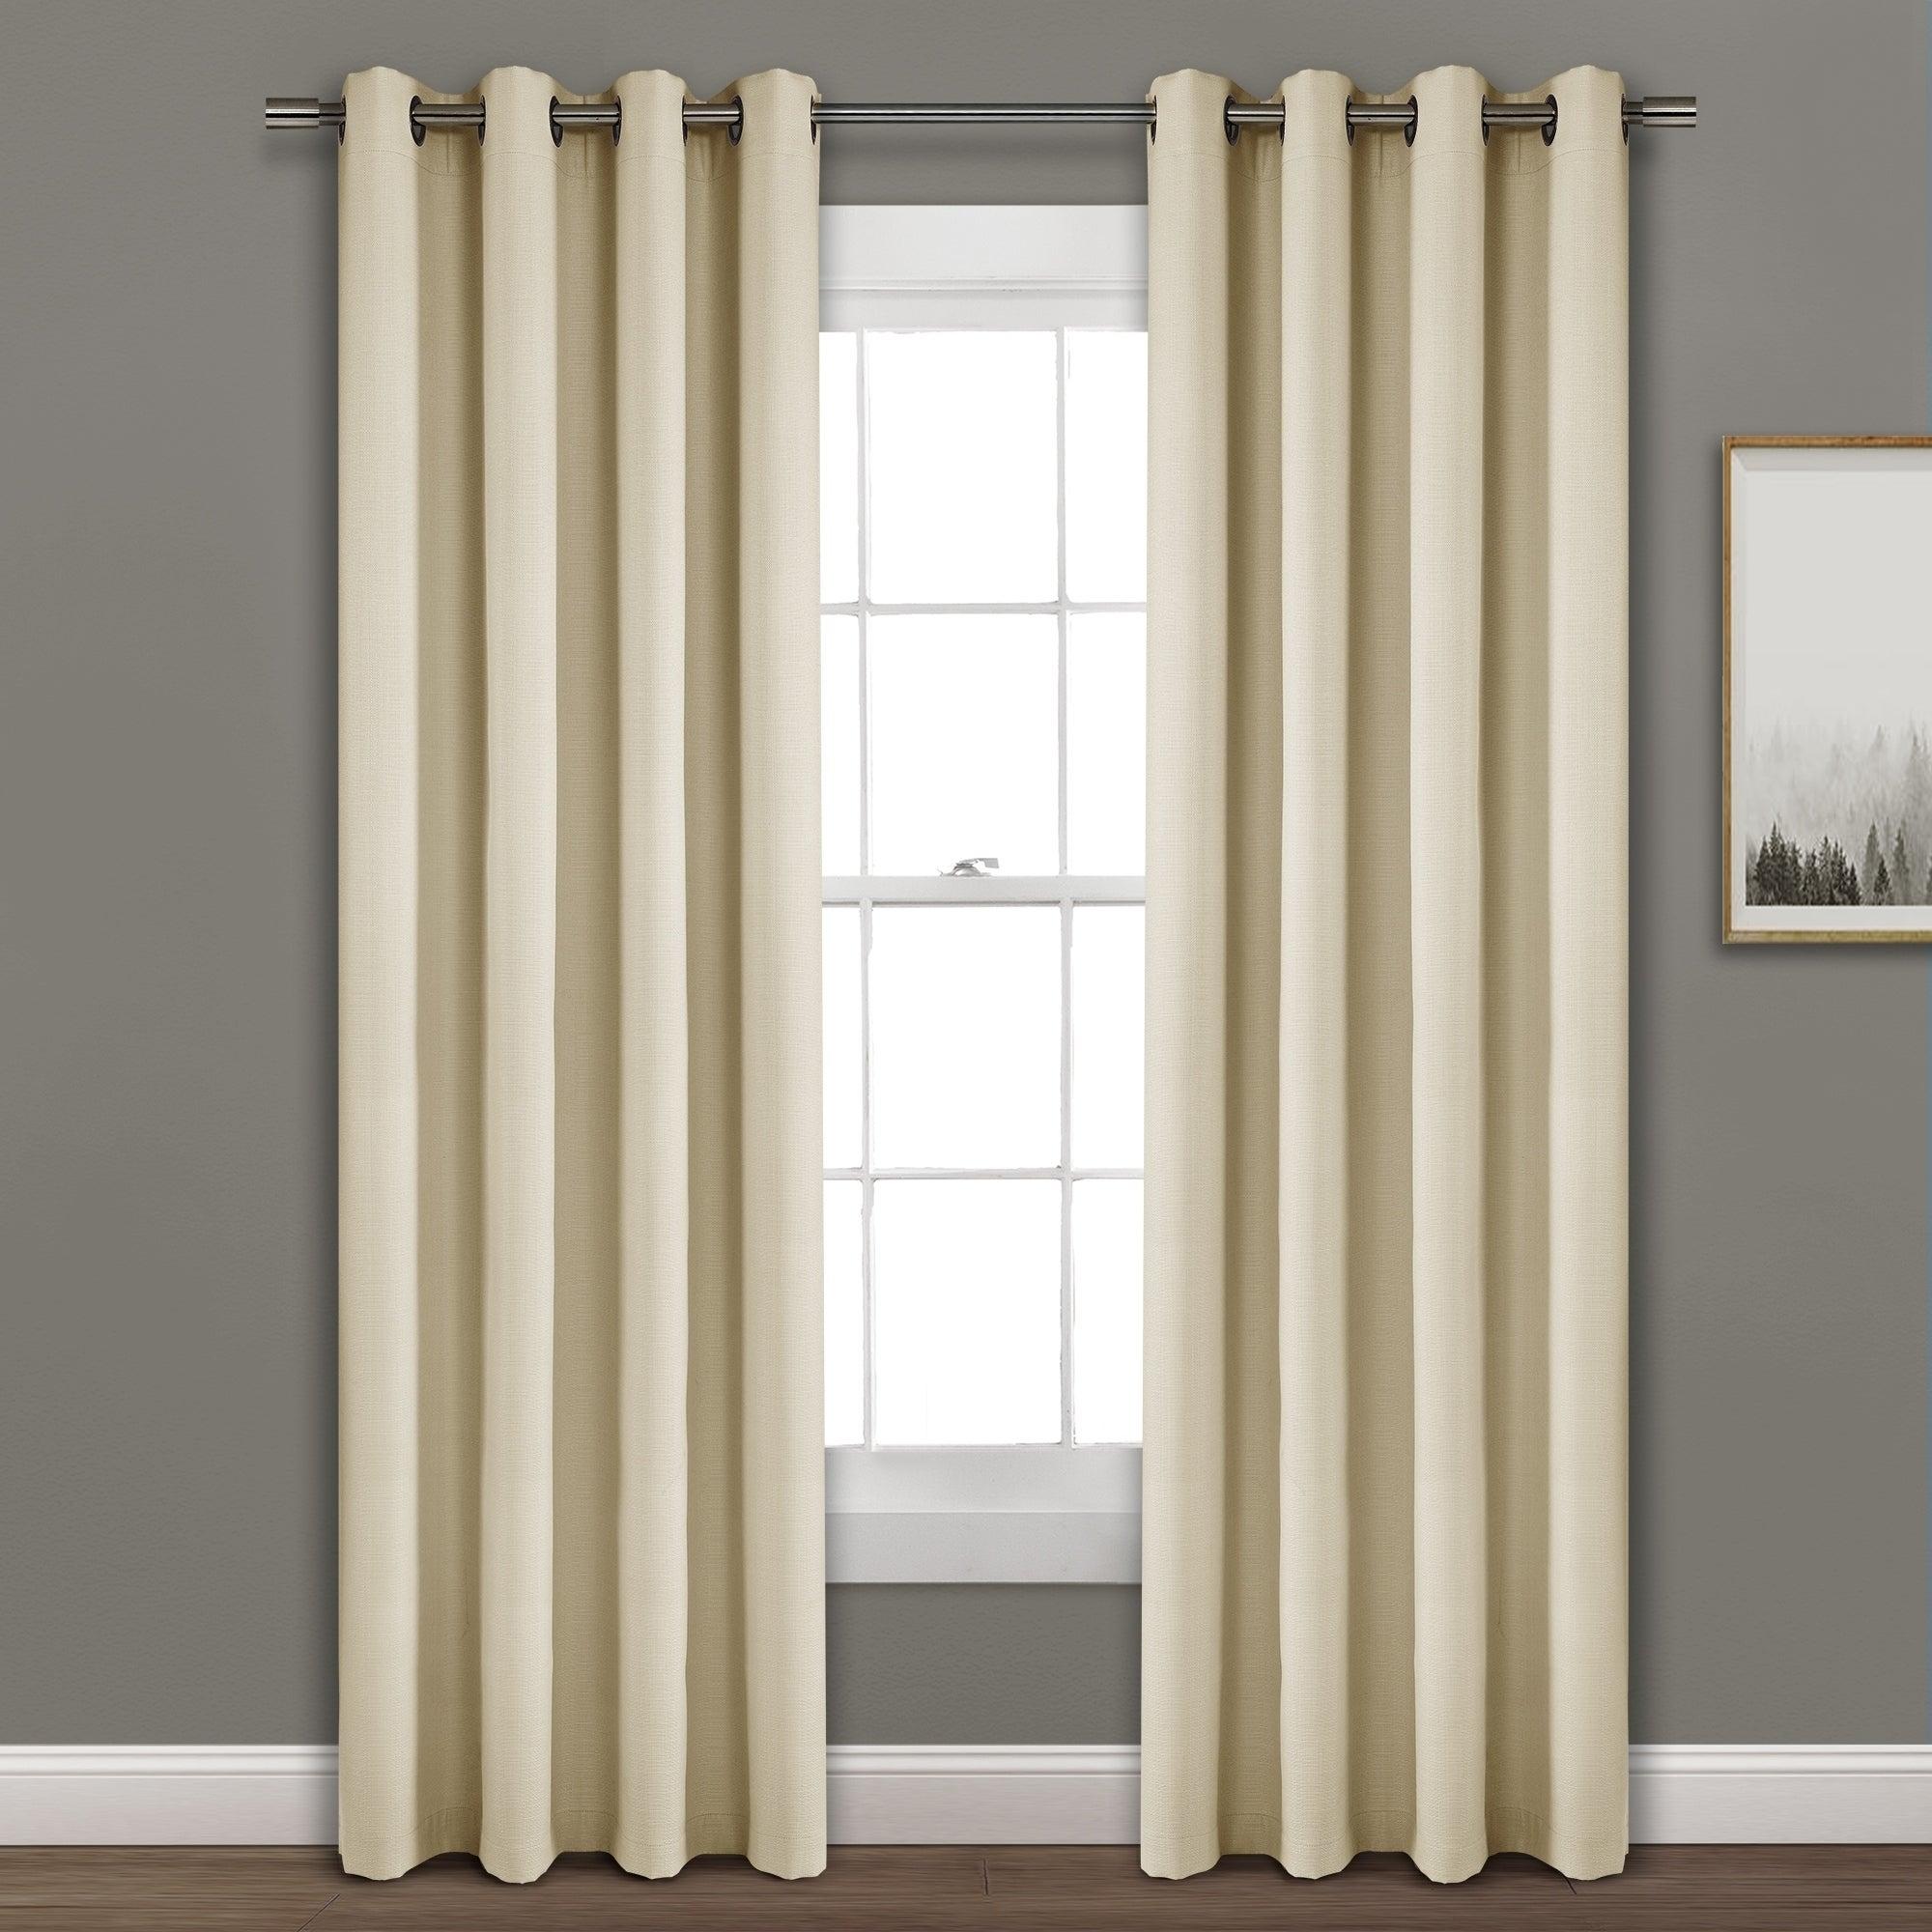 Porch & Den Limpus Faux Linen Grommet Top Blackout Curtain Panel Pertaining To Hayden Grommet Blackout Single Curtain Panels (View 4 of 20)